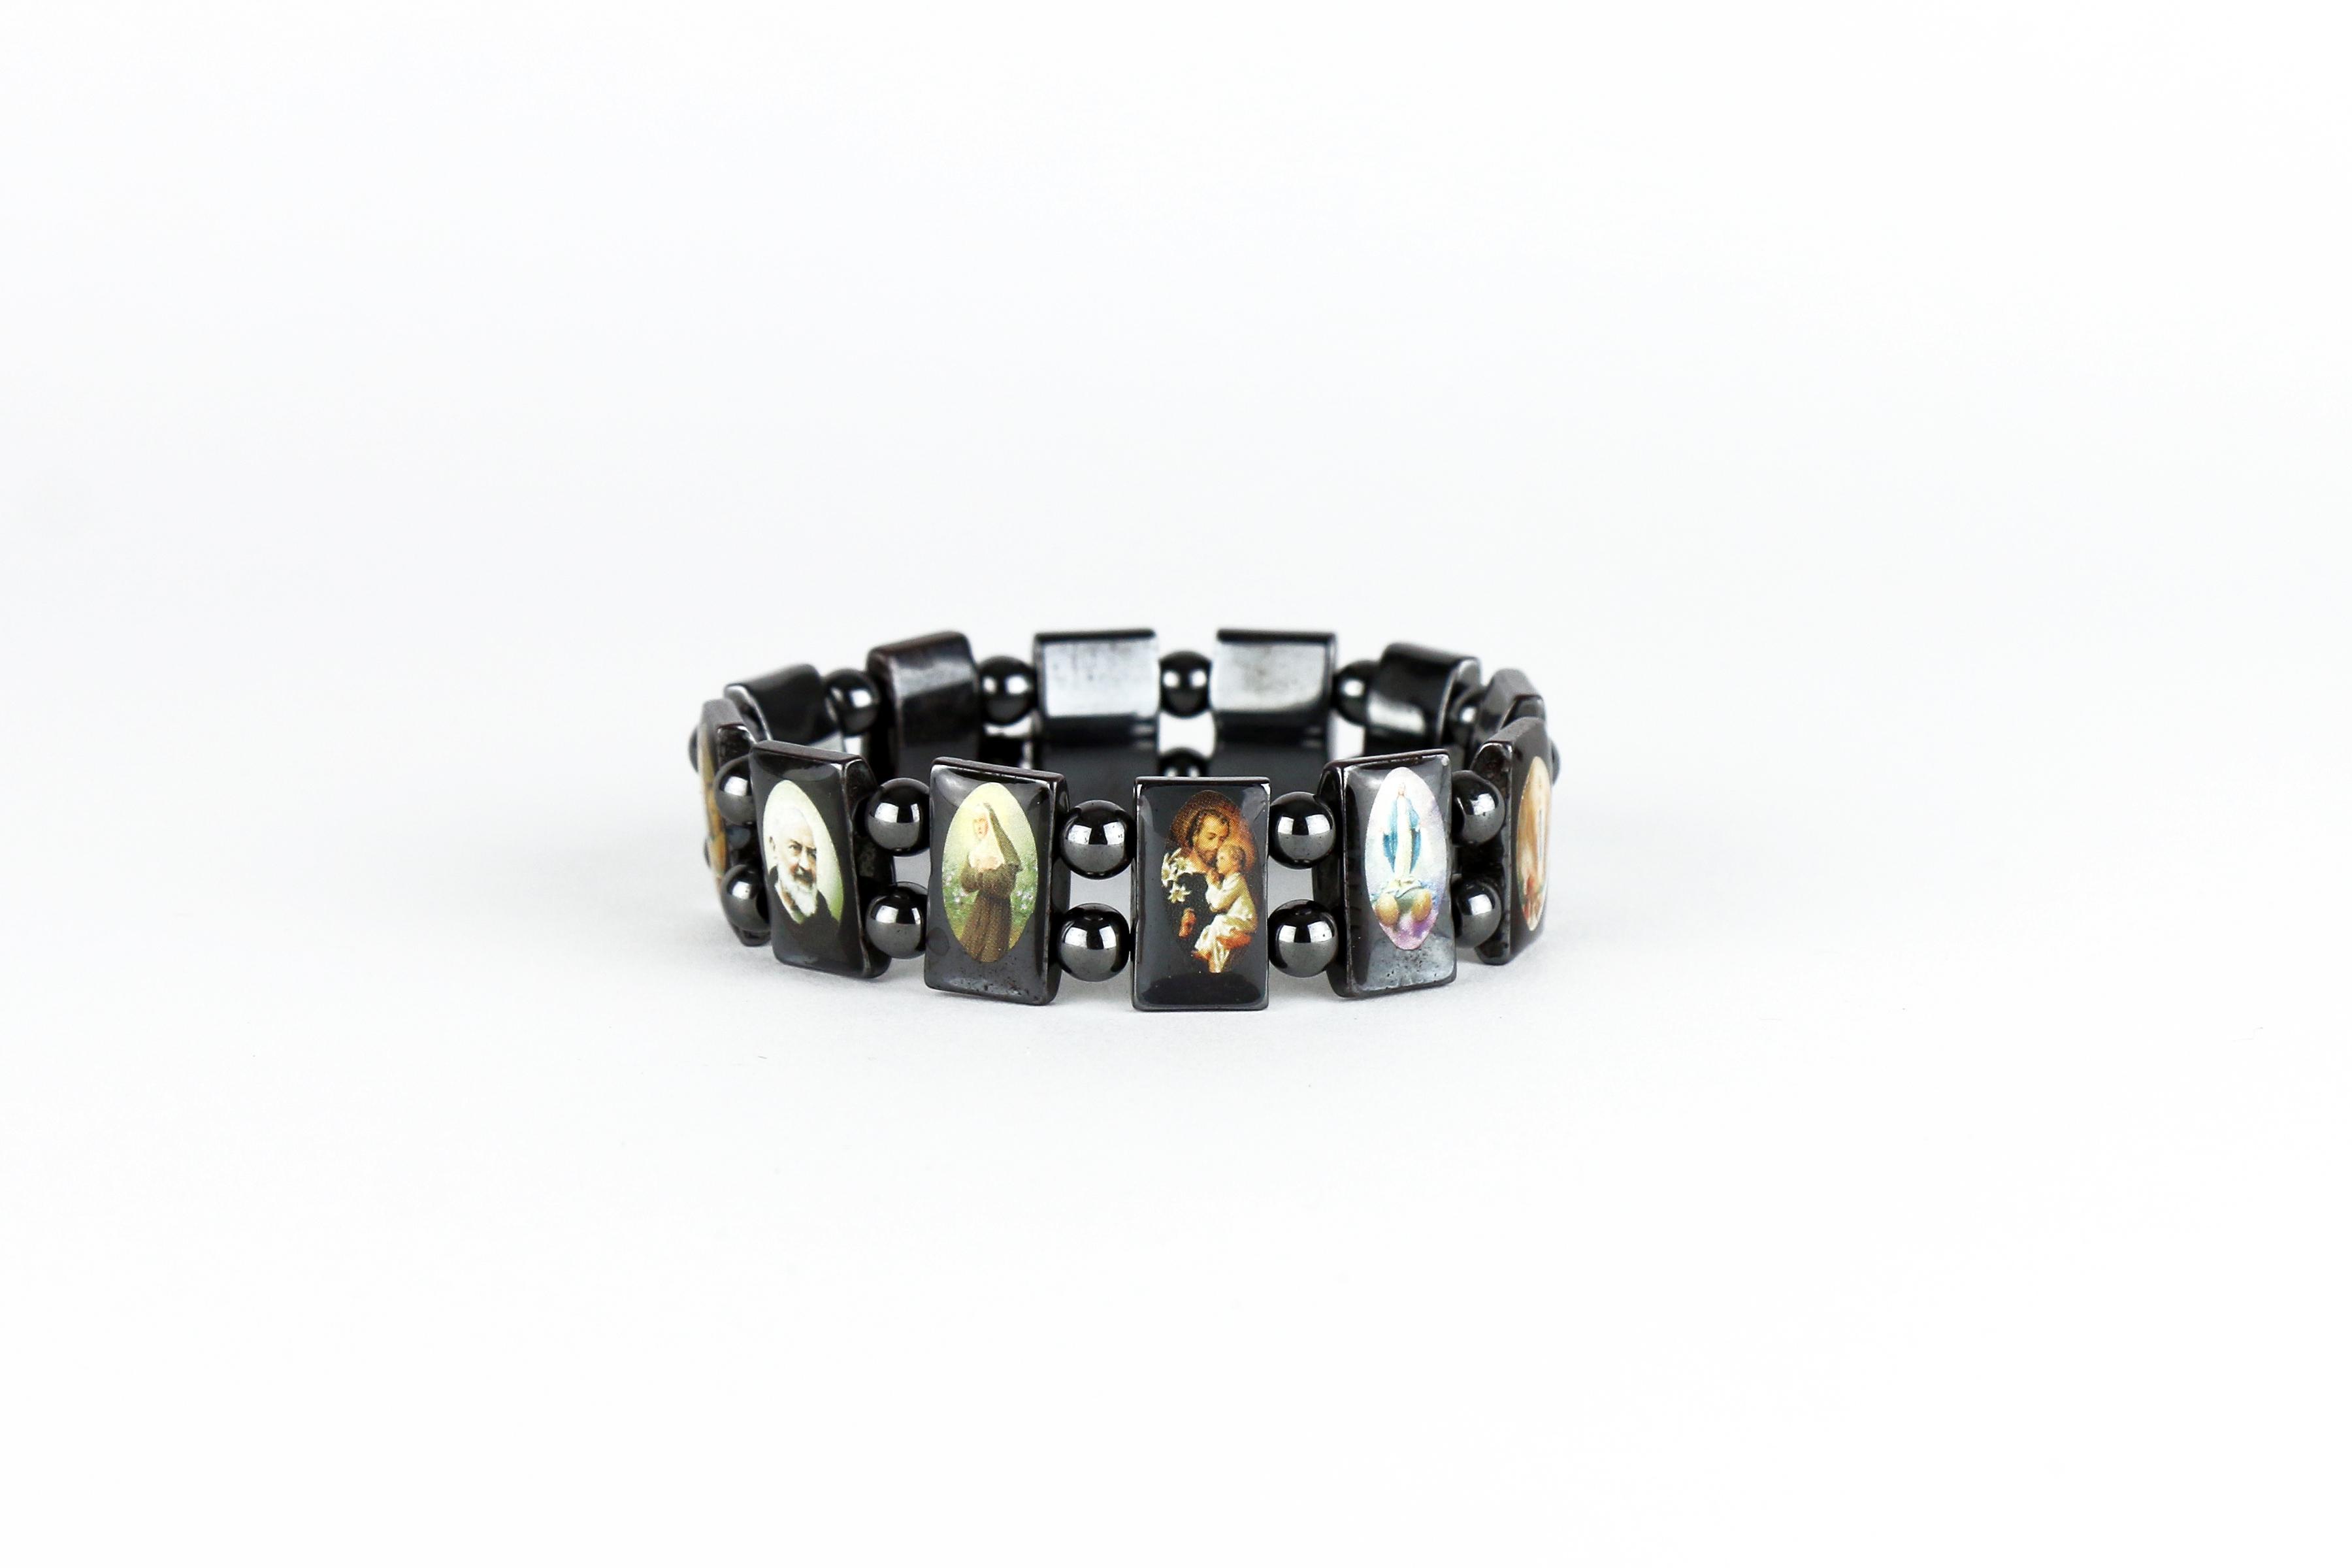 Bracelet des saints / Bracelet of the saints